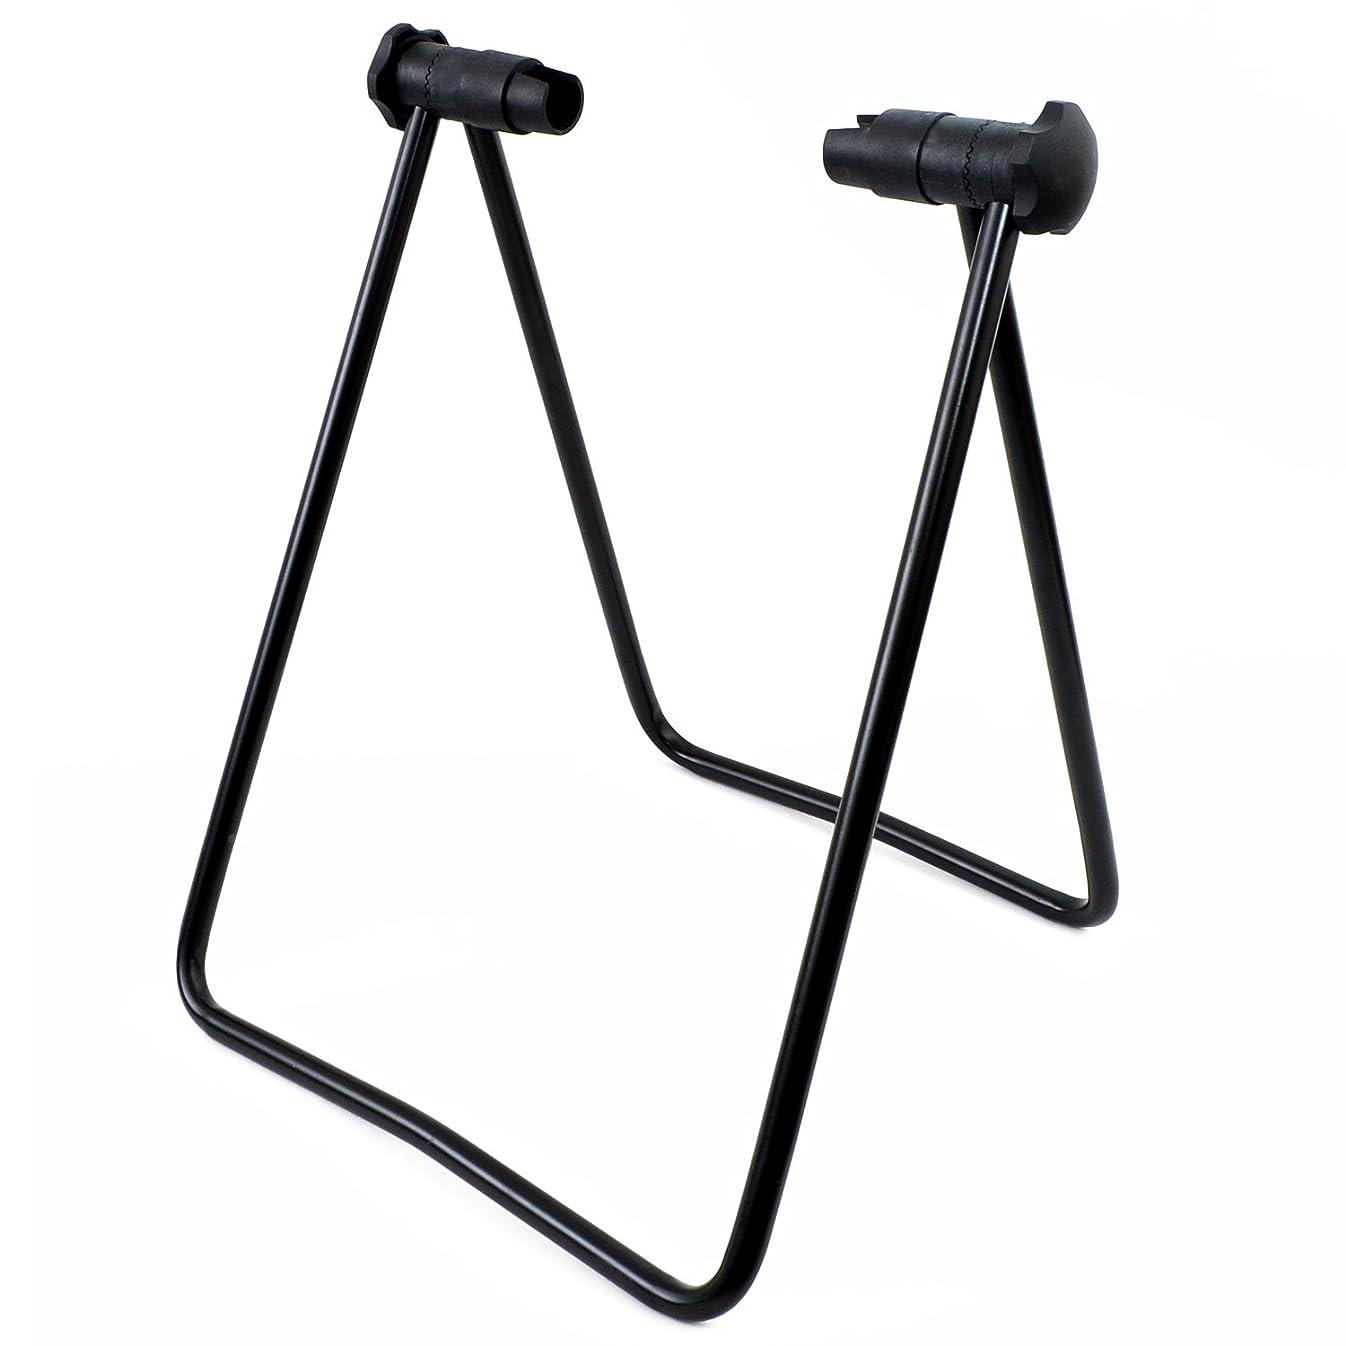 盲信別にサーバント【SIMPS】 自転車用 折り畳み式 スタンド ディスプレイスタンド メンテナンススタンド (日本語説明書付き)